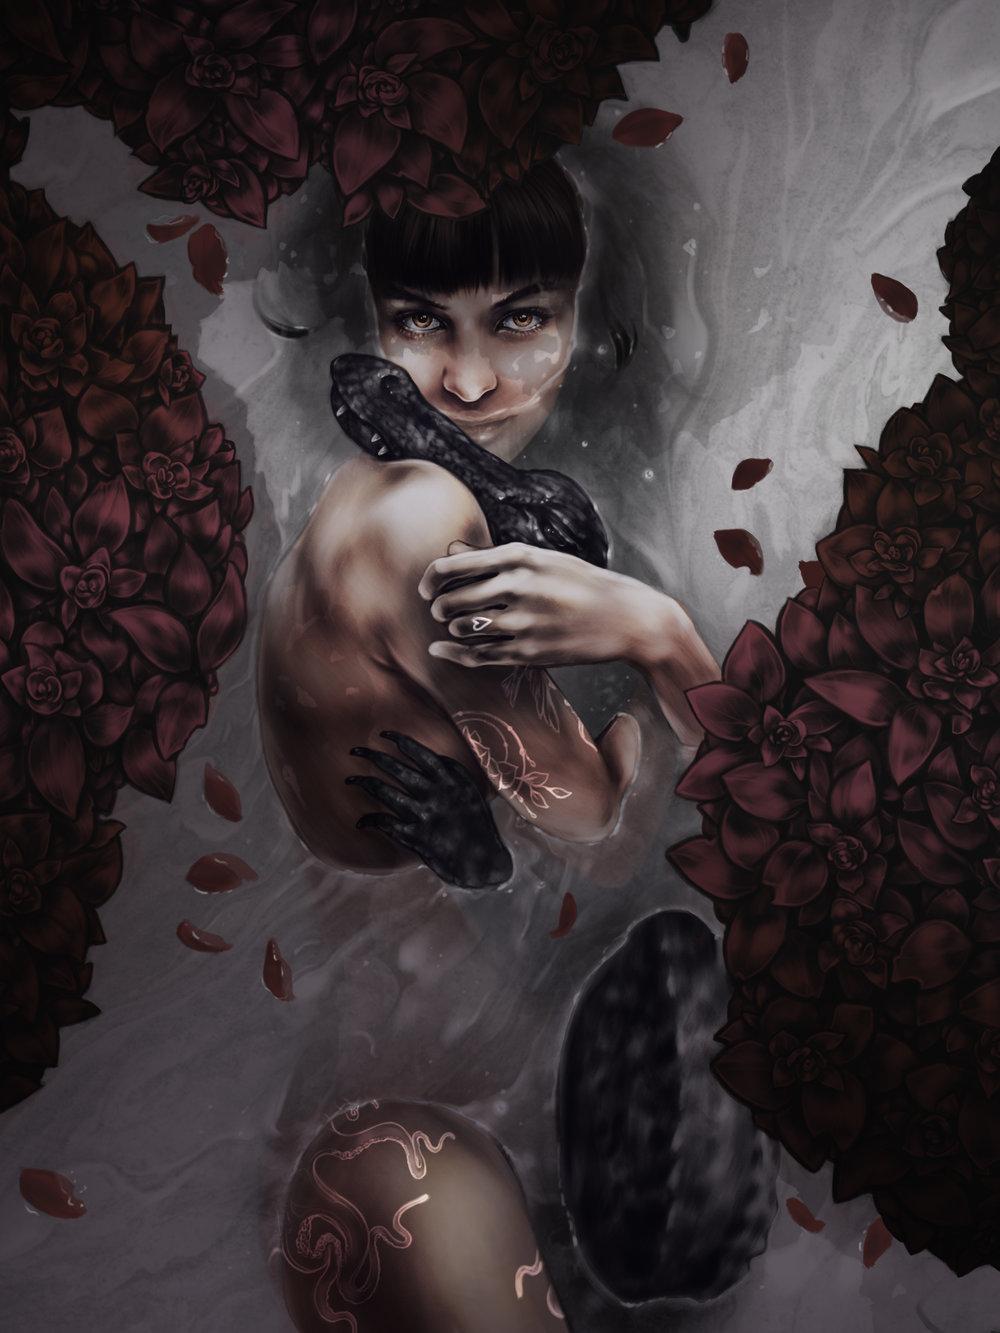 woman croc.jpg